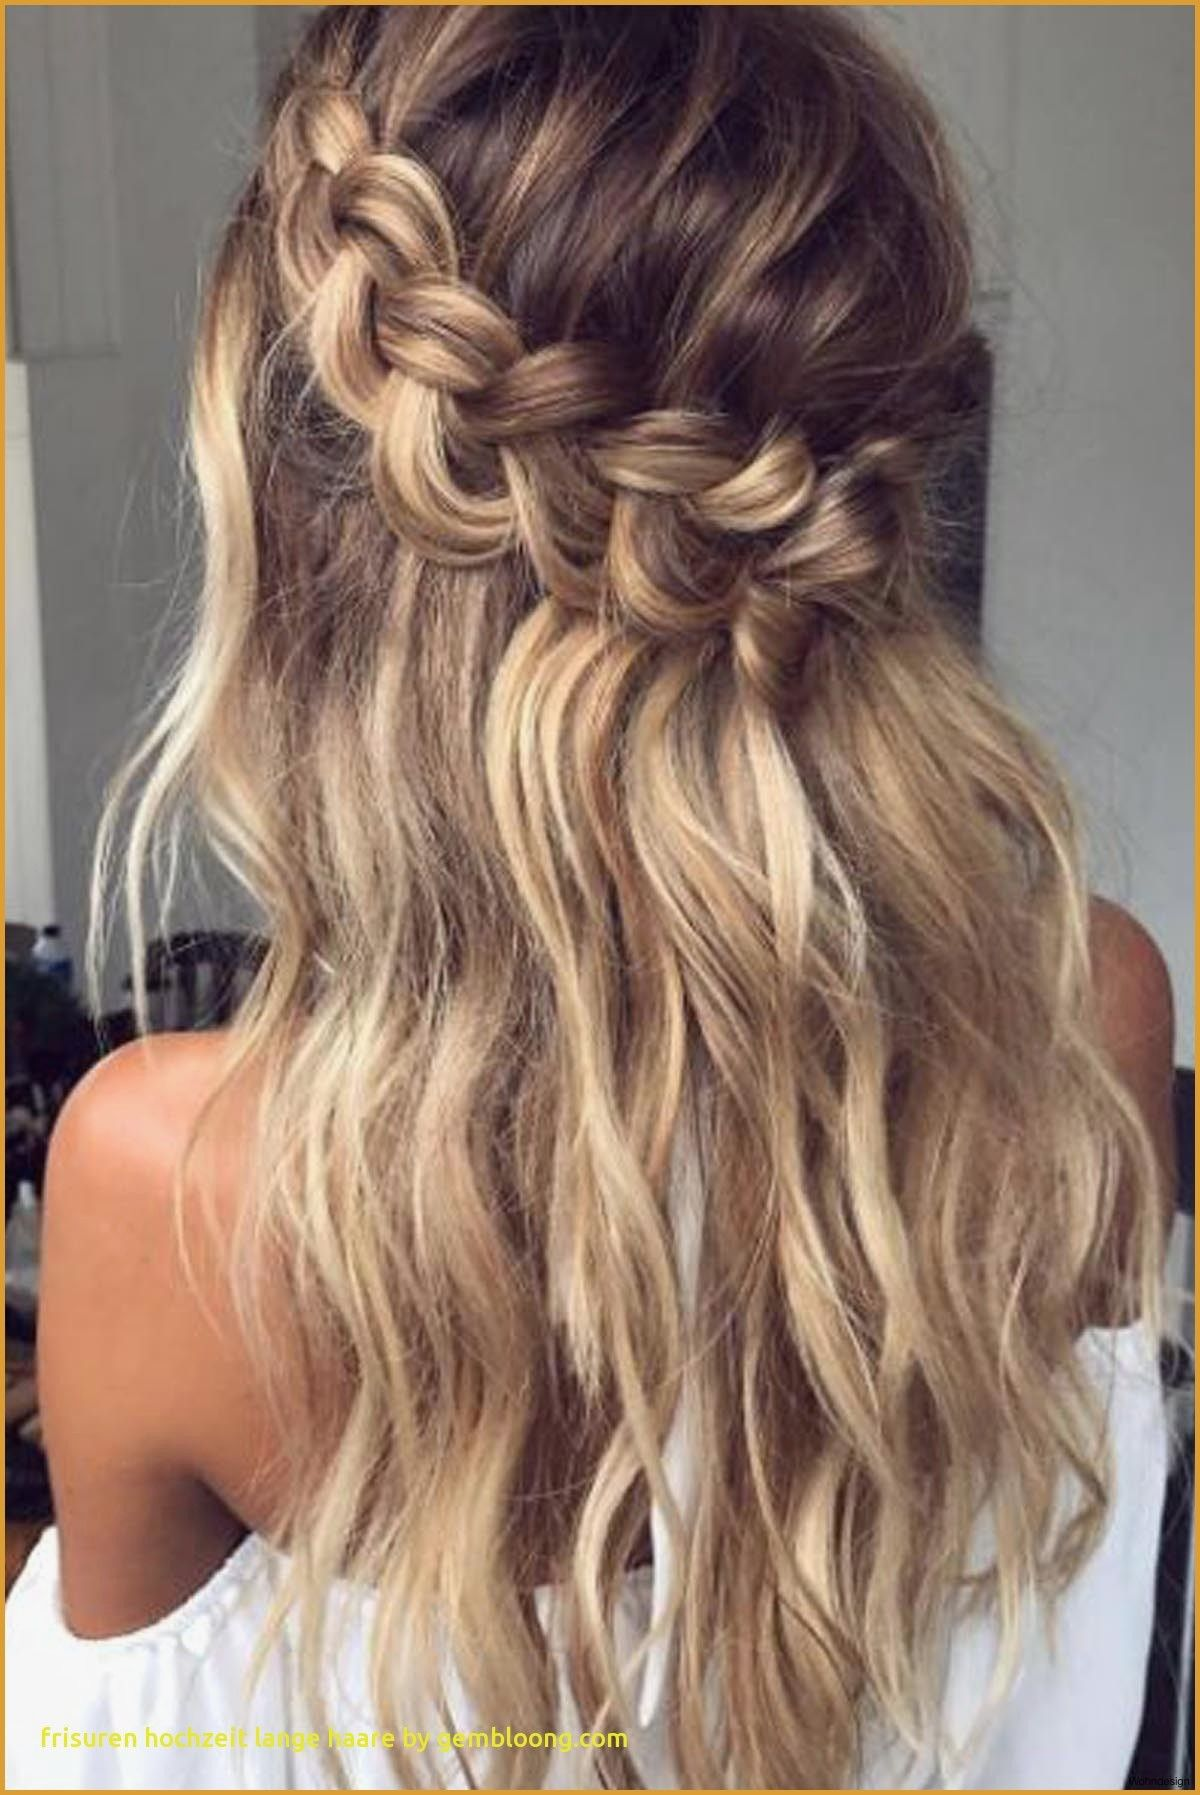 Frisuren Hochzeitsgast Hair Pinterest Hochzeitsgast Frisuren